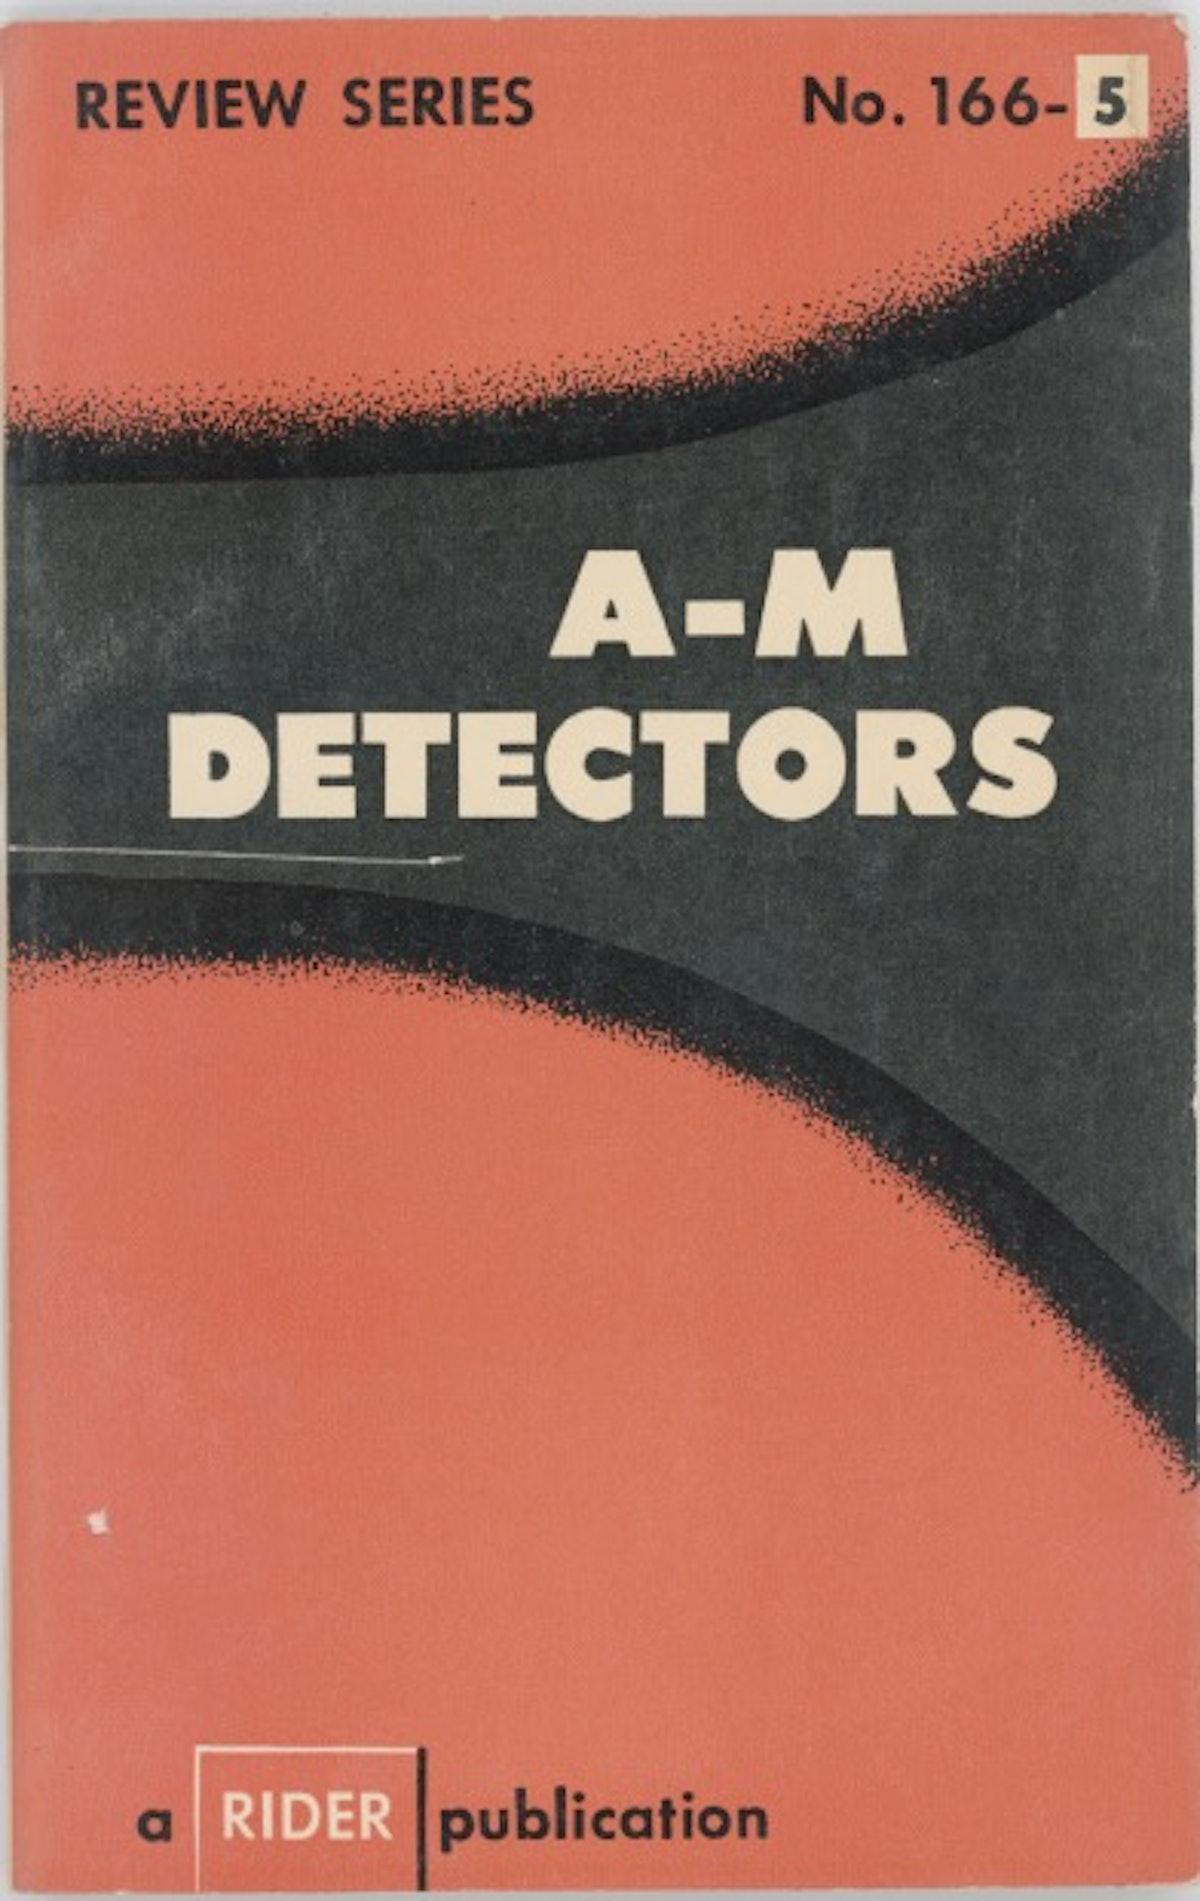 A-M Detectors